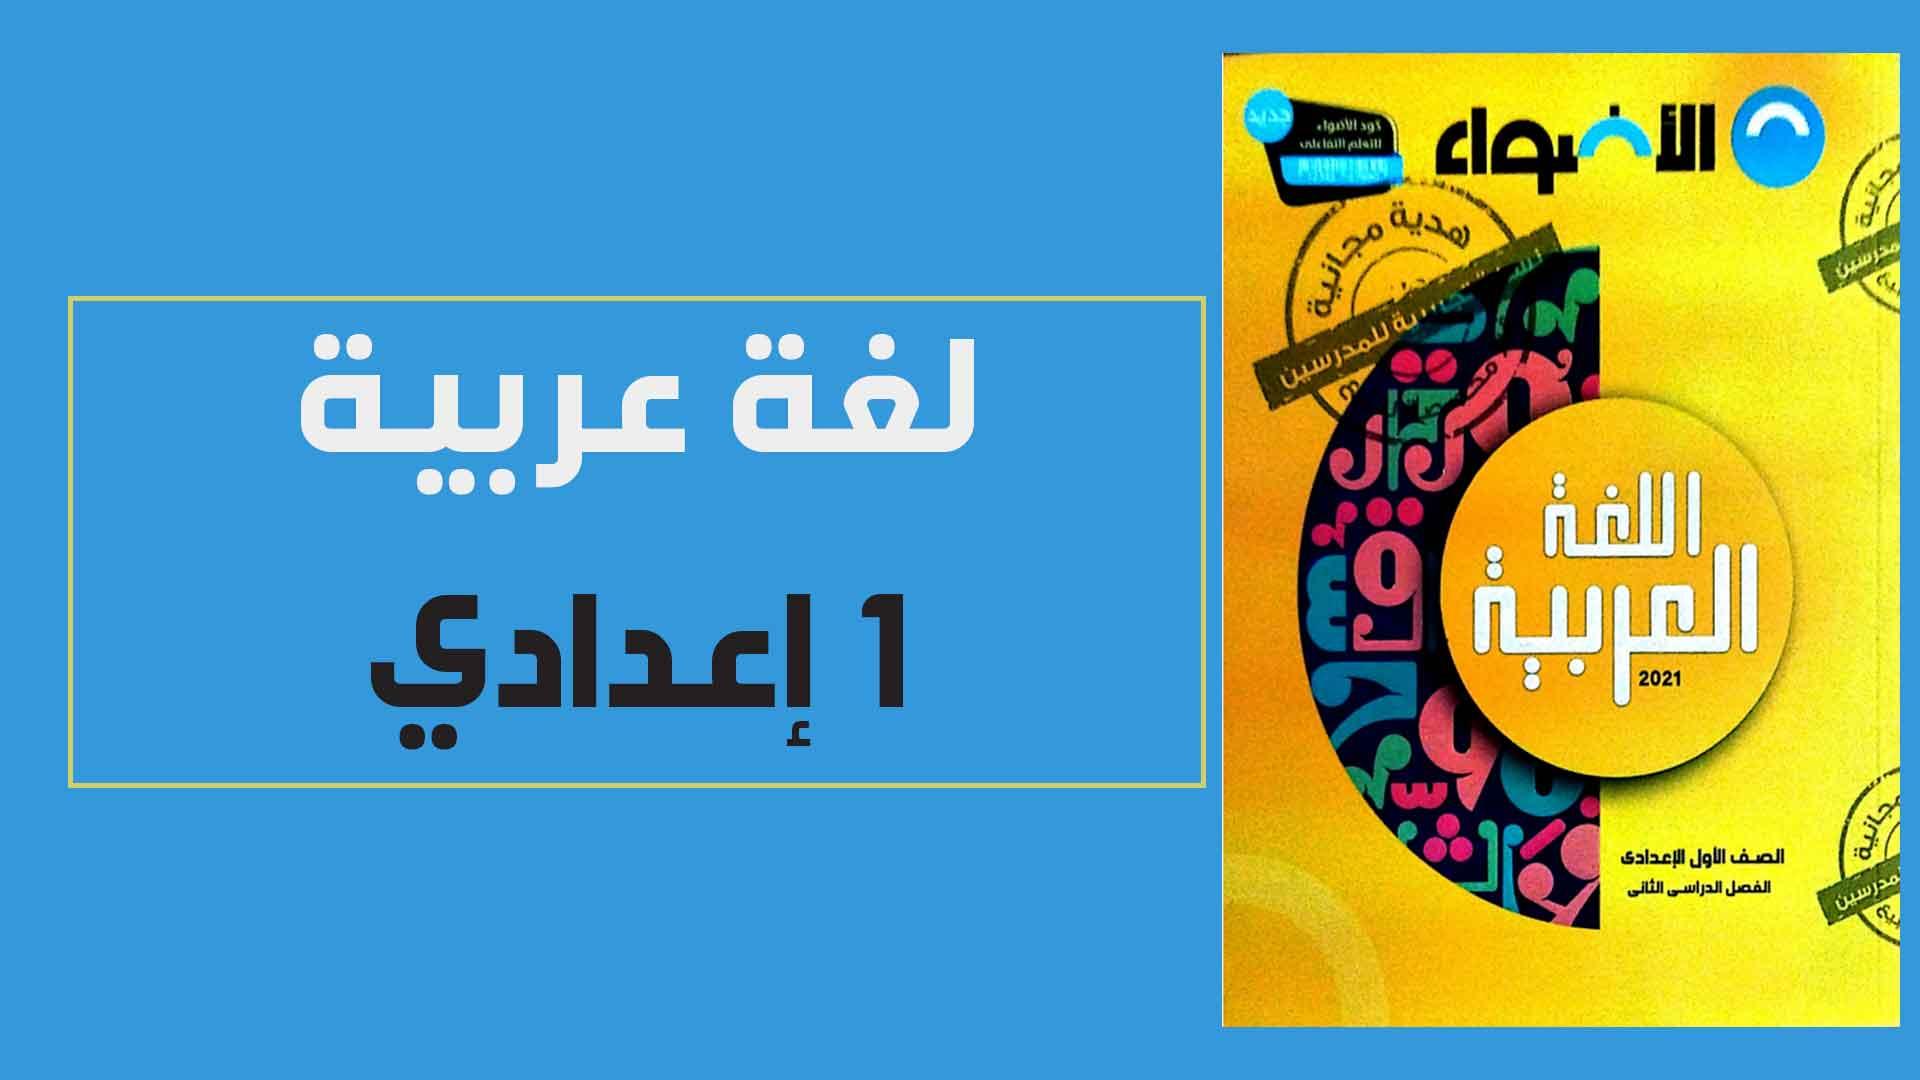 تحميل كتاب الأضواء فى اللغة العربية للصف الاول الإعدادى الترم الثانى 2021 النسخة الجديدة pdf (كتاب الشرح)